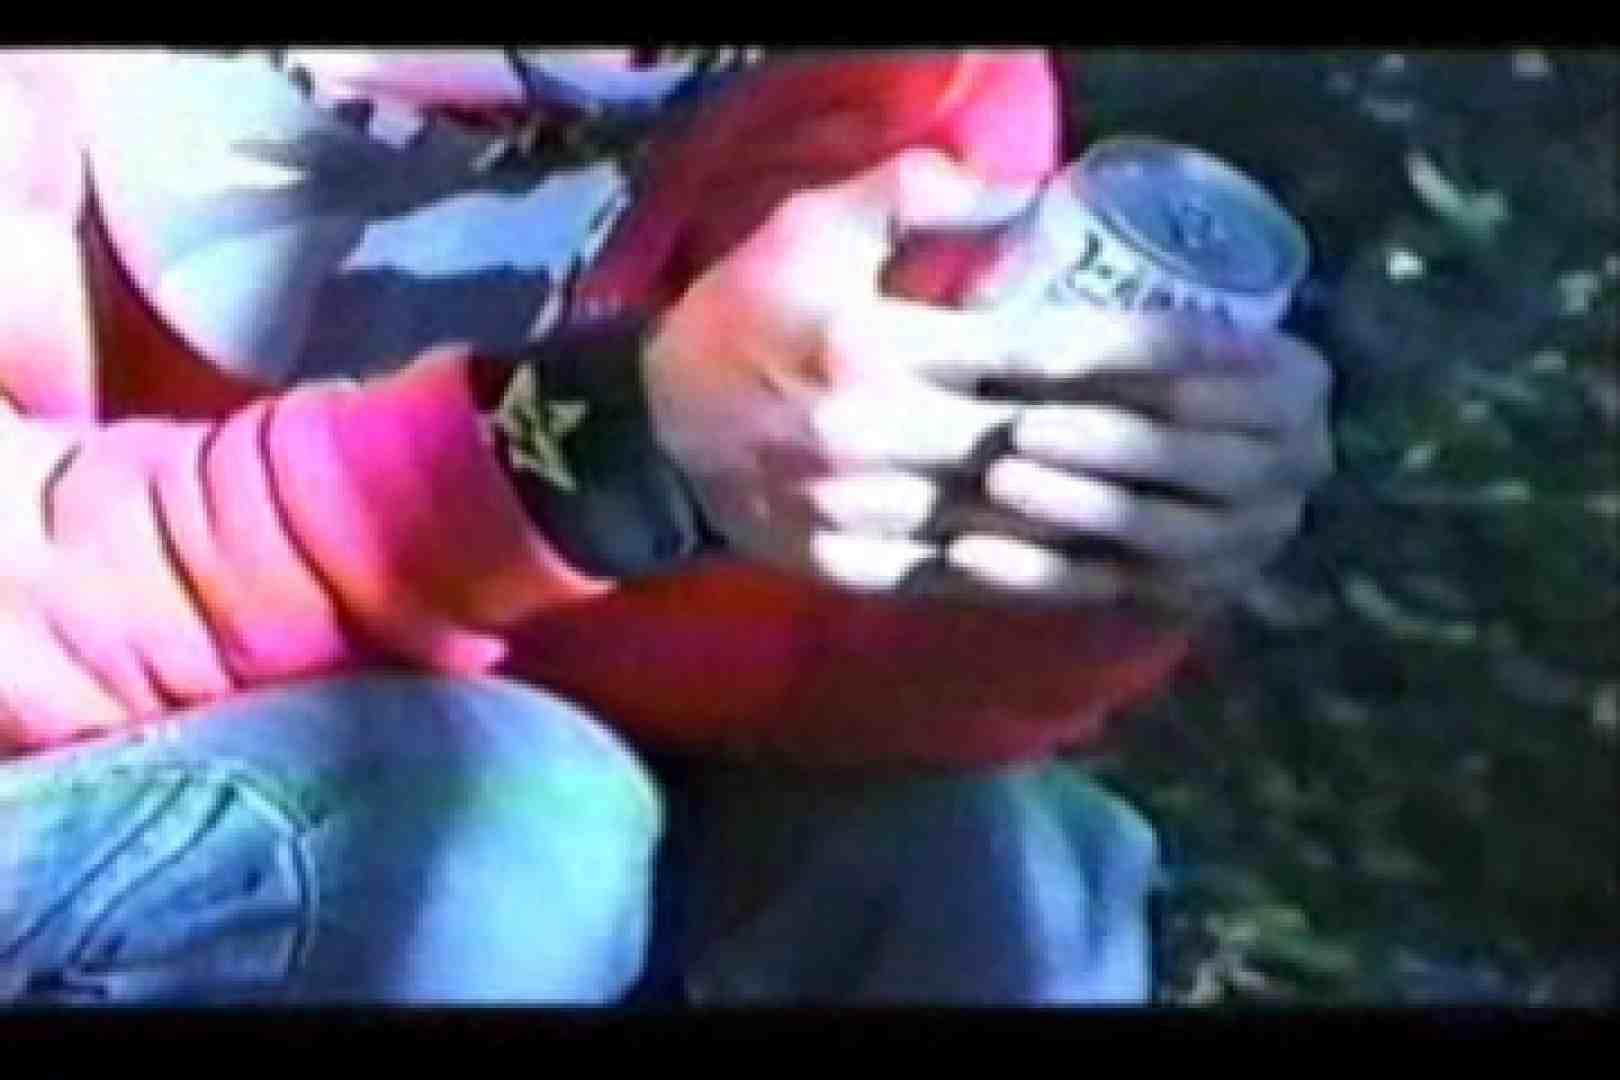 オールドゲイシリーズ  美少年ひかるのオープンファック アナル舐め ゲイ肛門画像 83枚 37